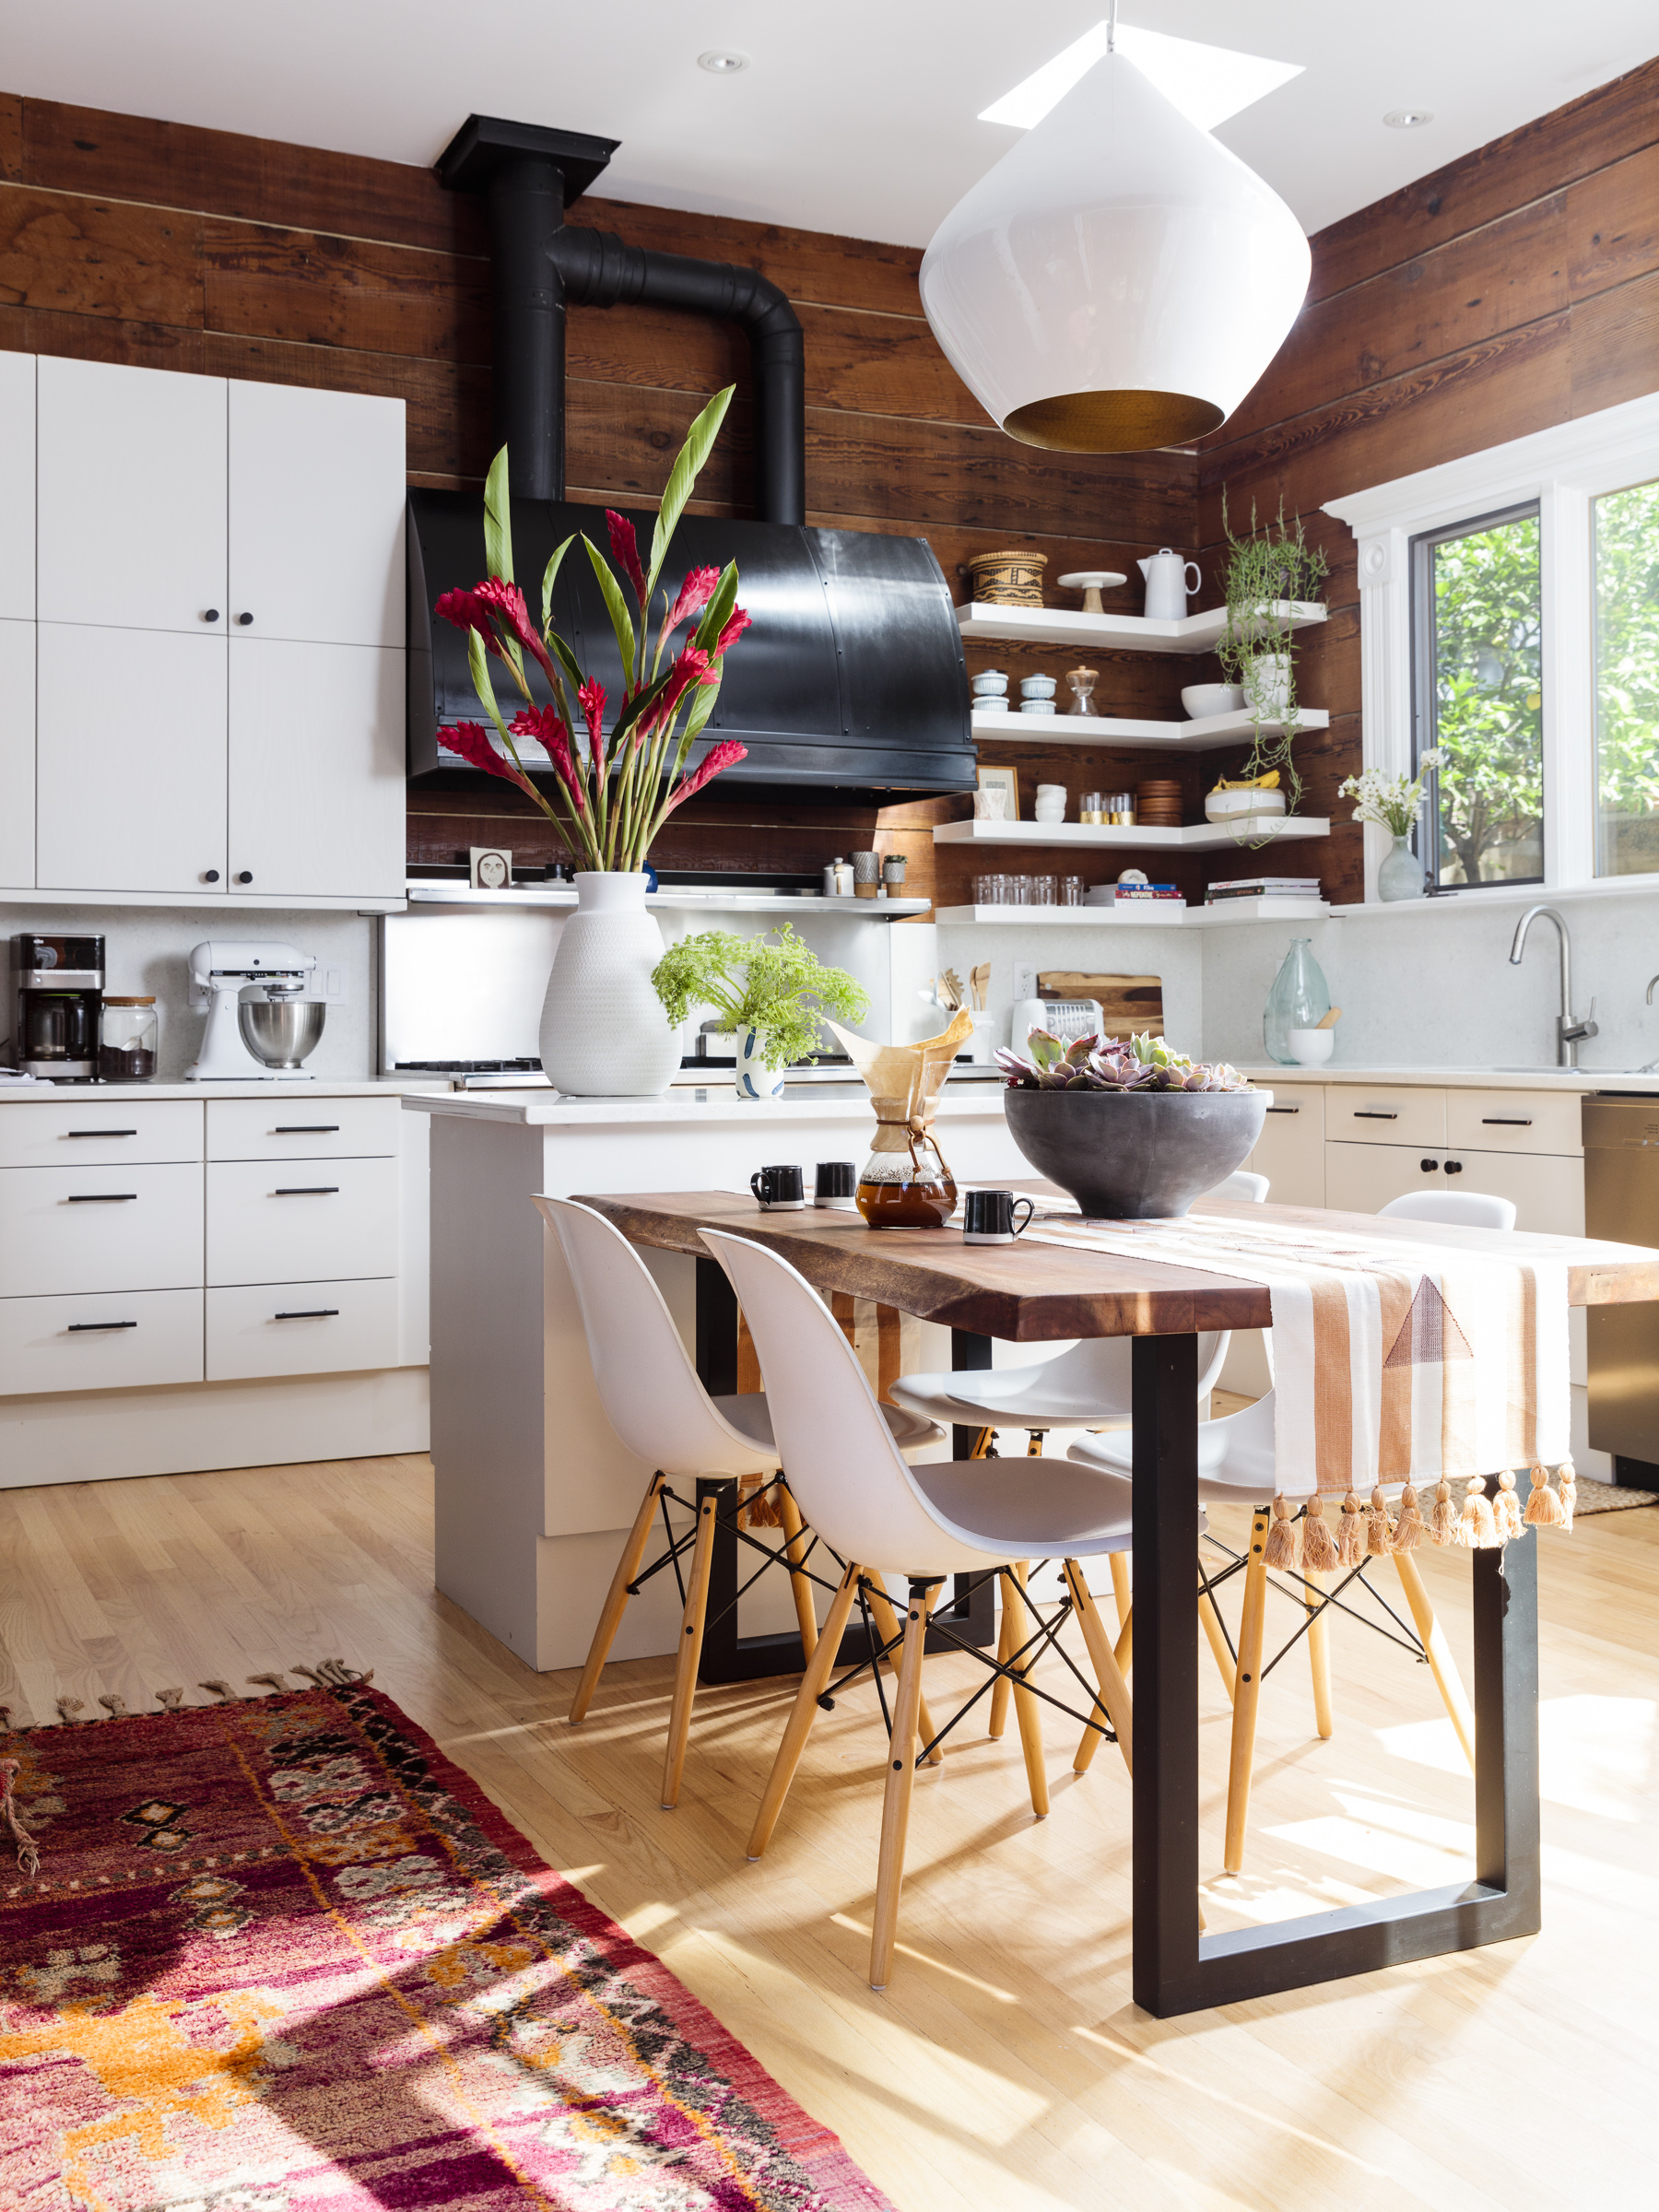 ErinKunkel_EK_Kohlhepp_Kitchen_8997.jpg